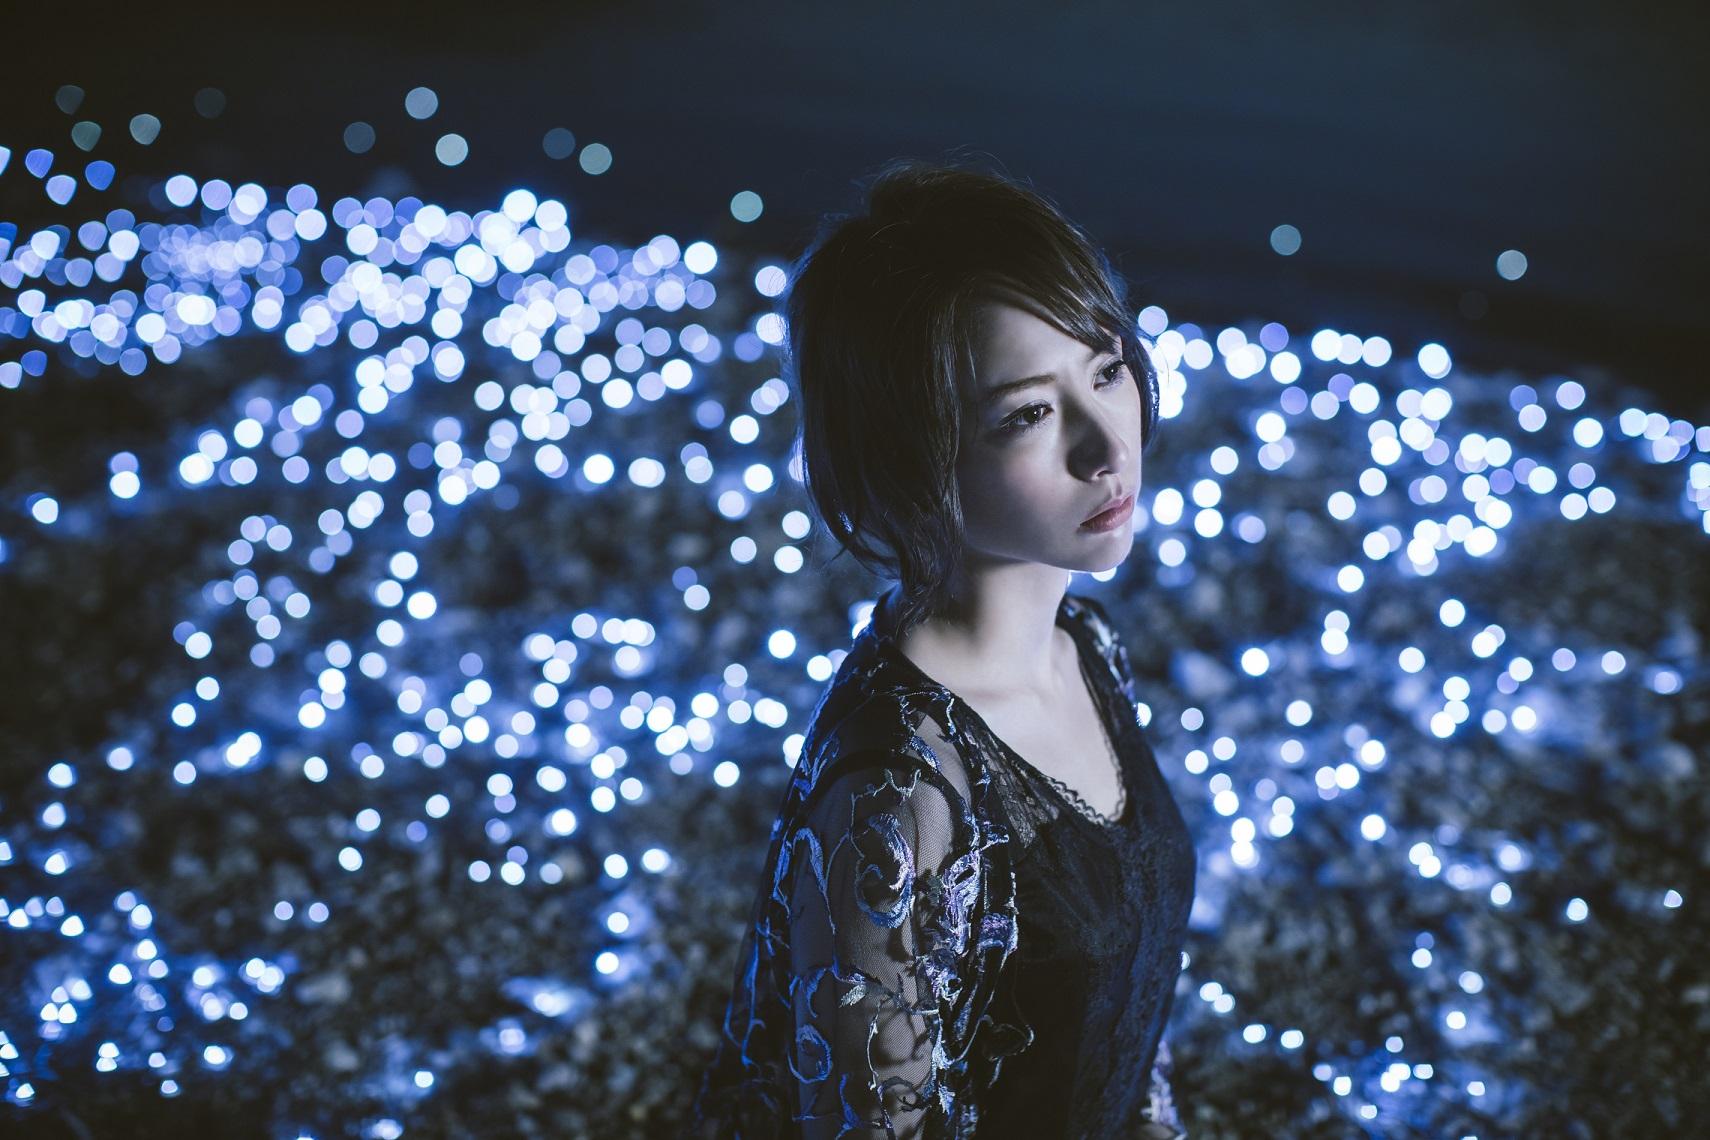 藍井エイル、武道館復活ライブに1万人熱狂!新曲「アイリス」は『ソードアート・オンライン』テーマソング!